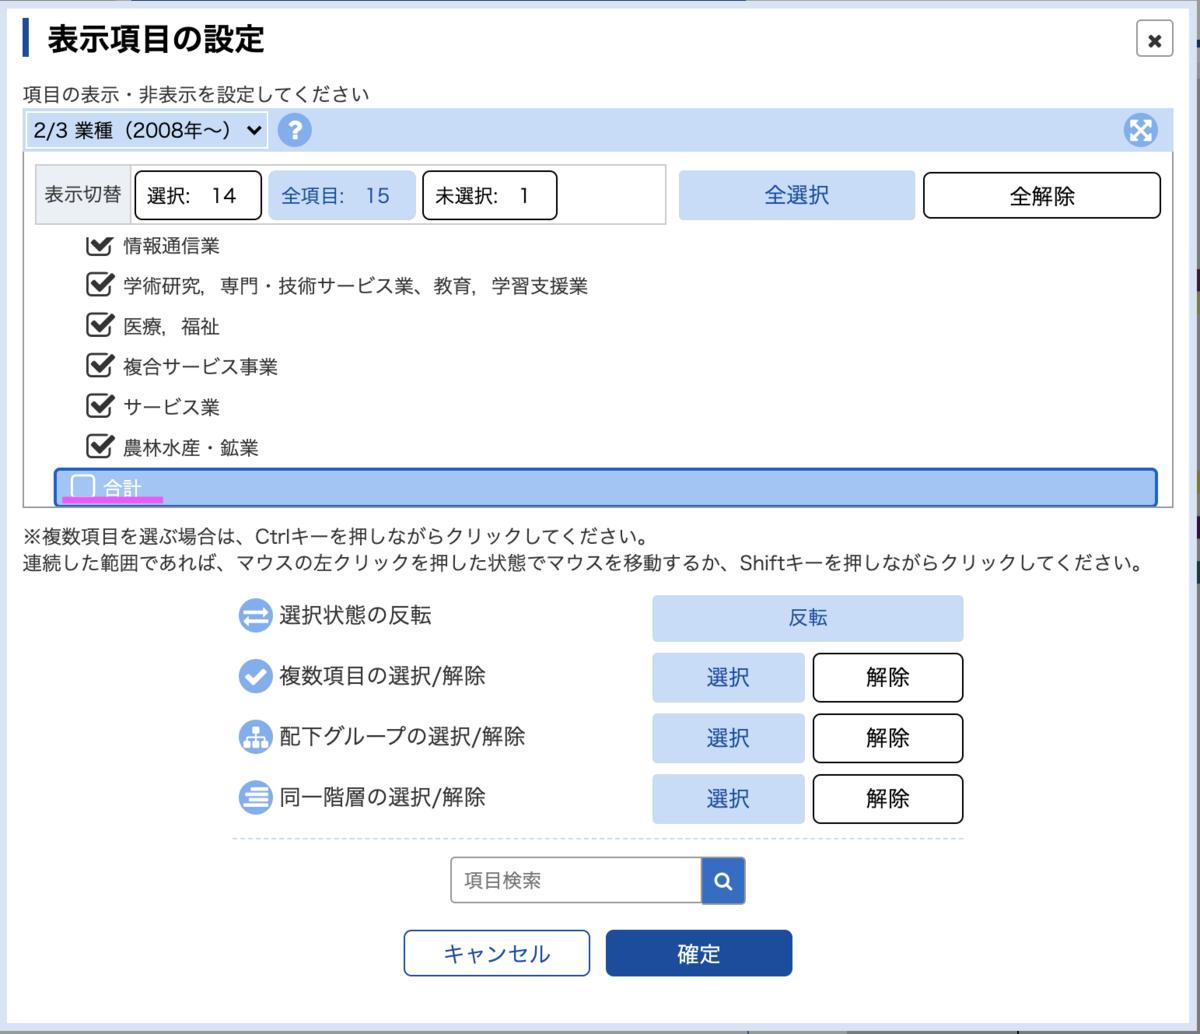 f:id:predora005:20210105110022p:plain